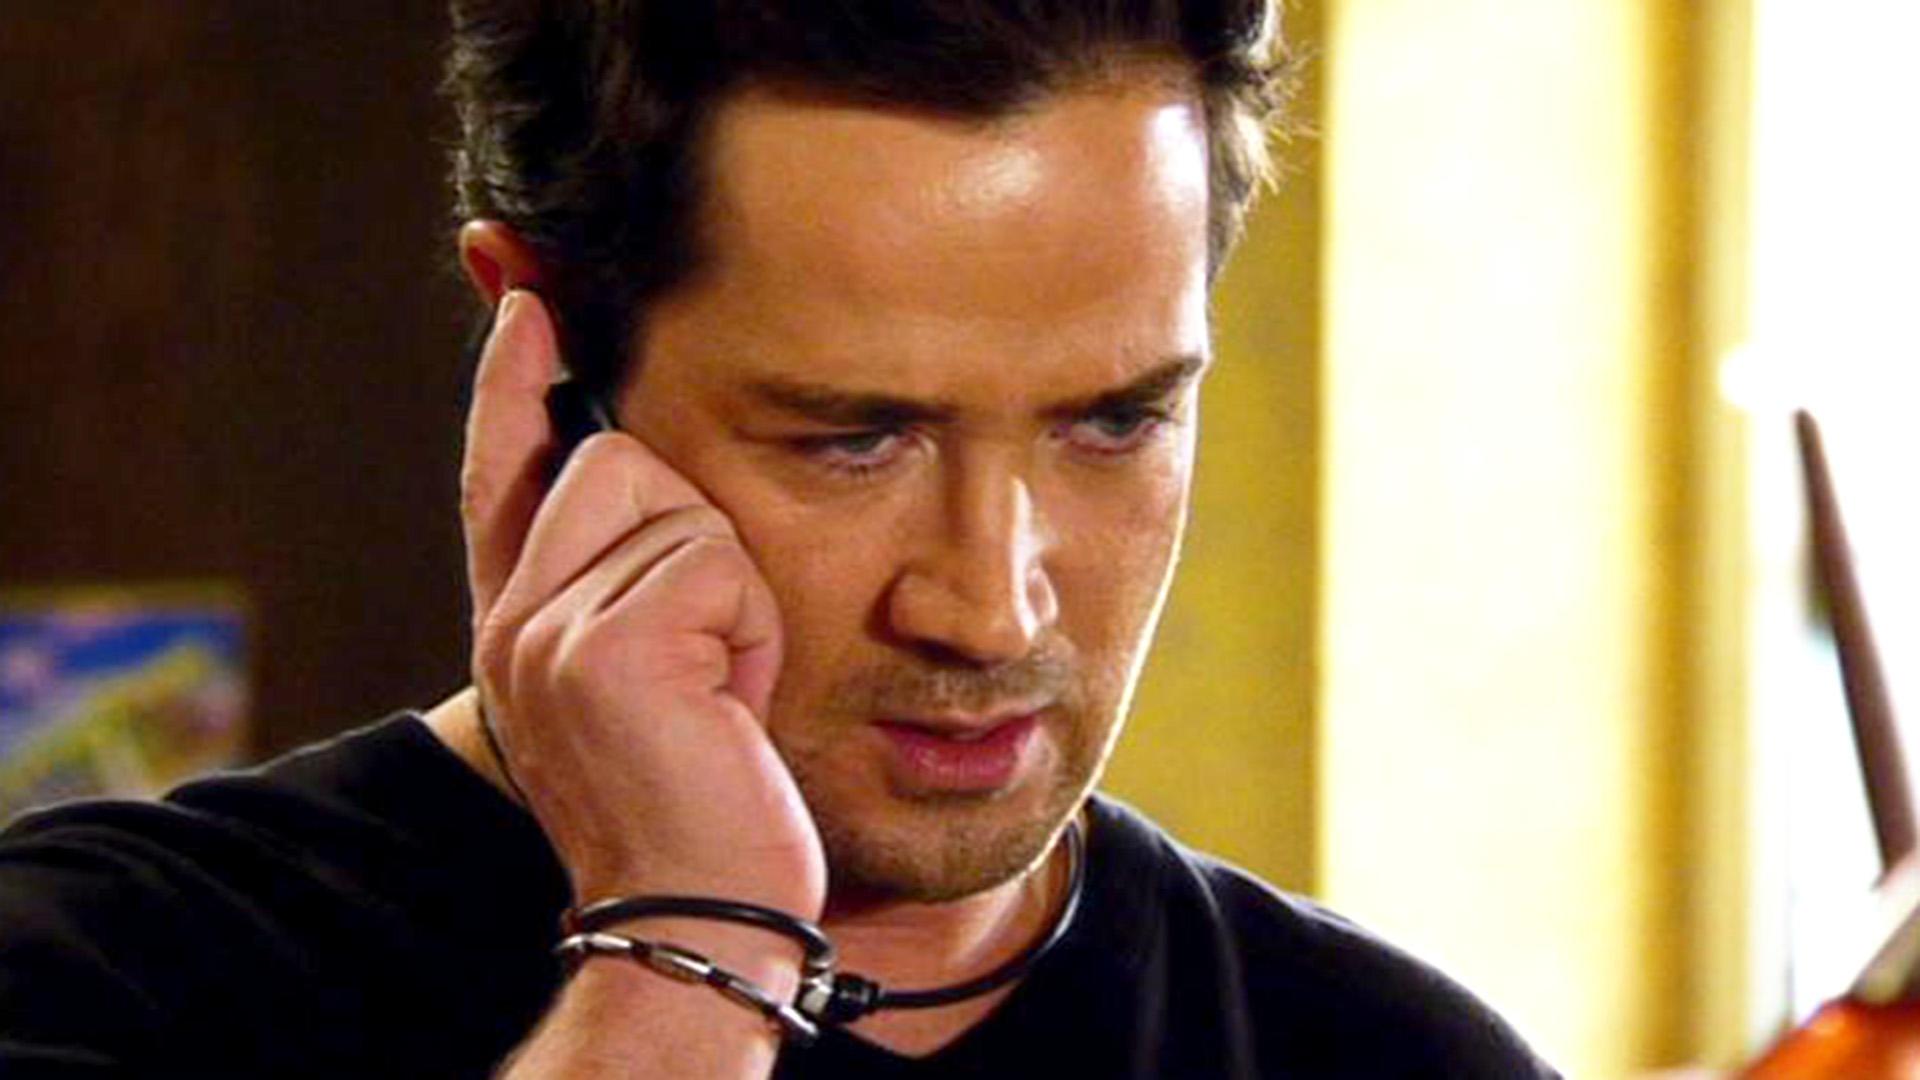 Marian erhält einen Hilfe-Anruf von Nadja | Folge 343